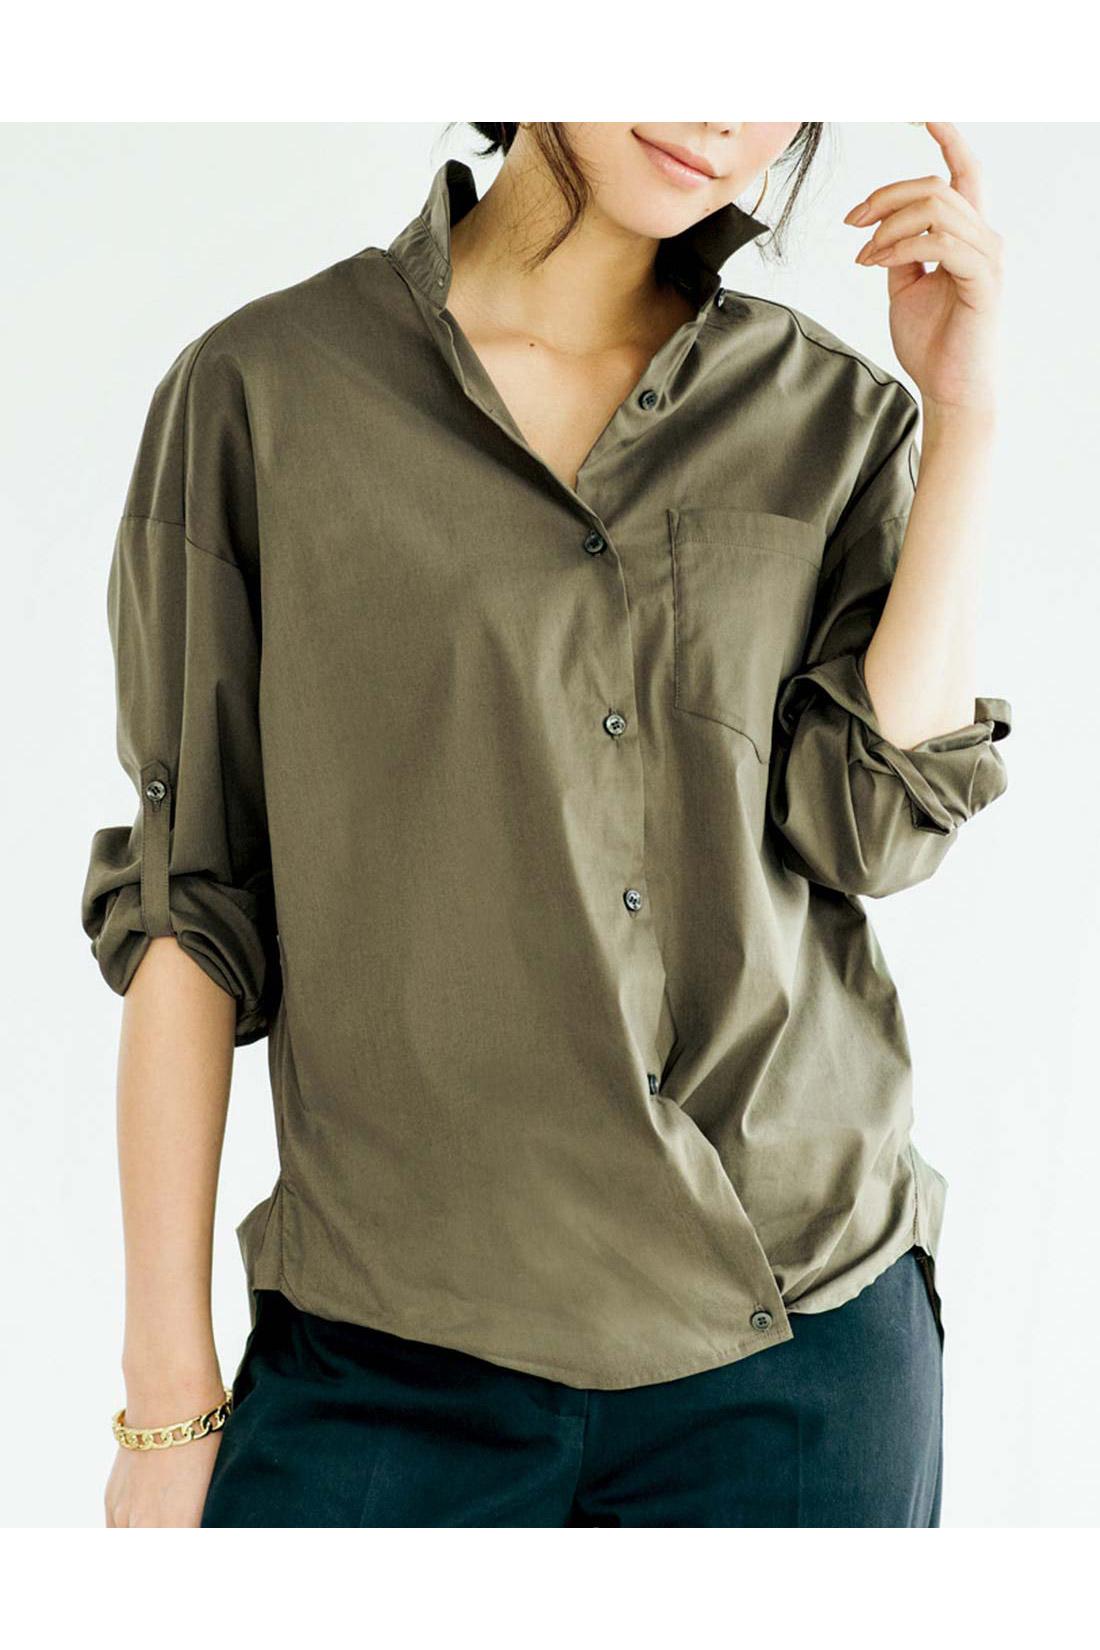 すそ裏のボタンを使えばカシュクールにも。 ※お届けするカラー・袖丈とは異なります。